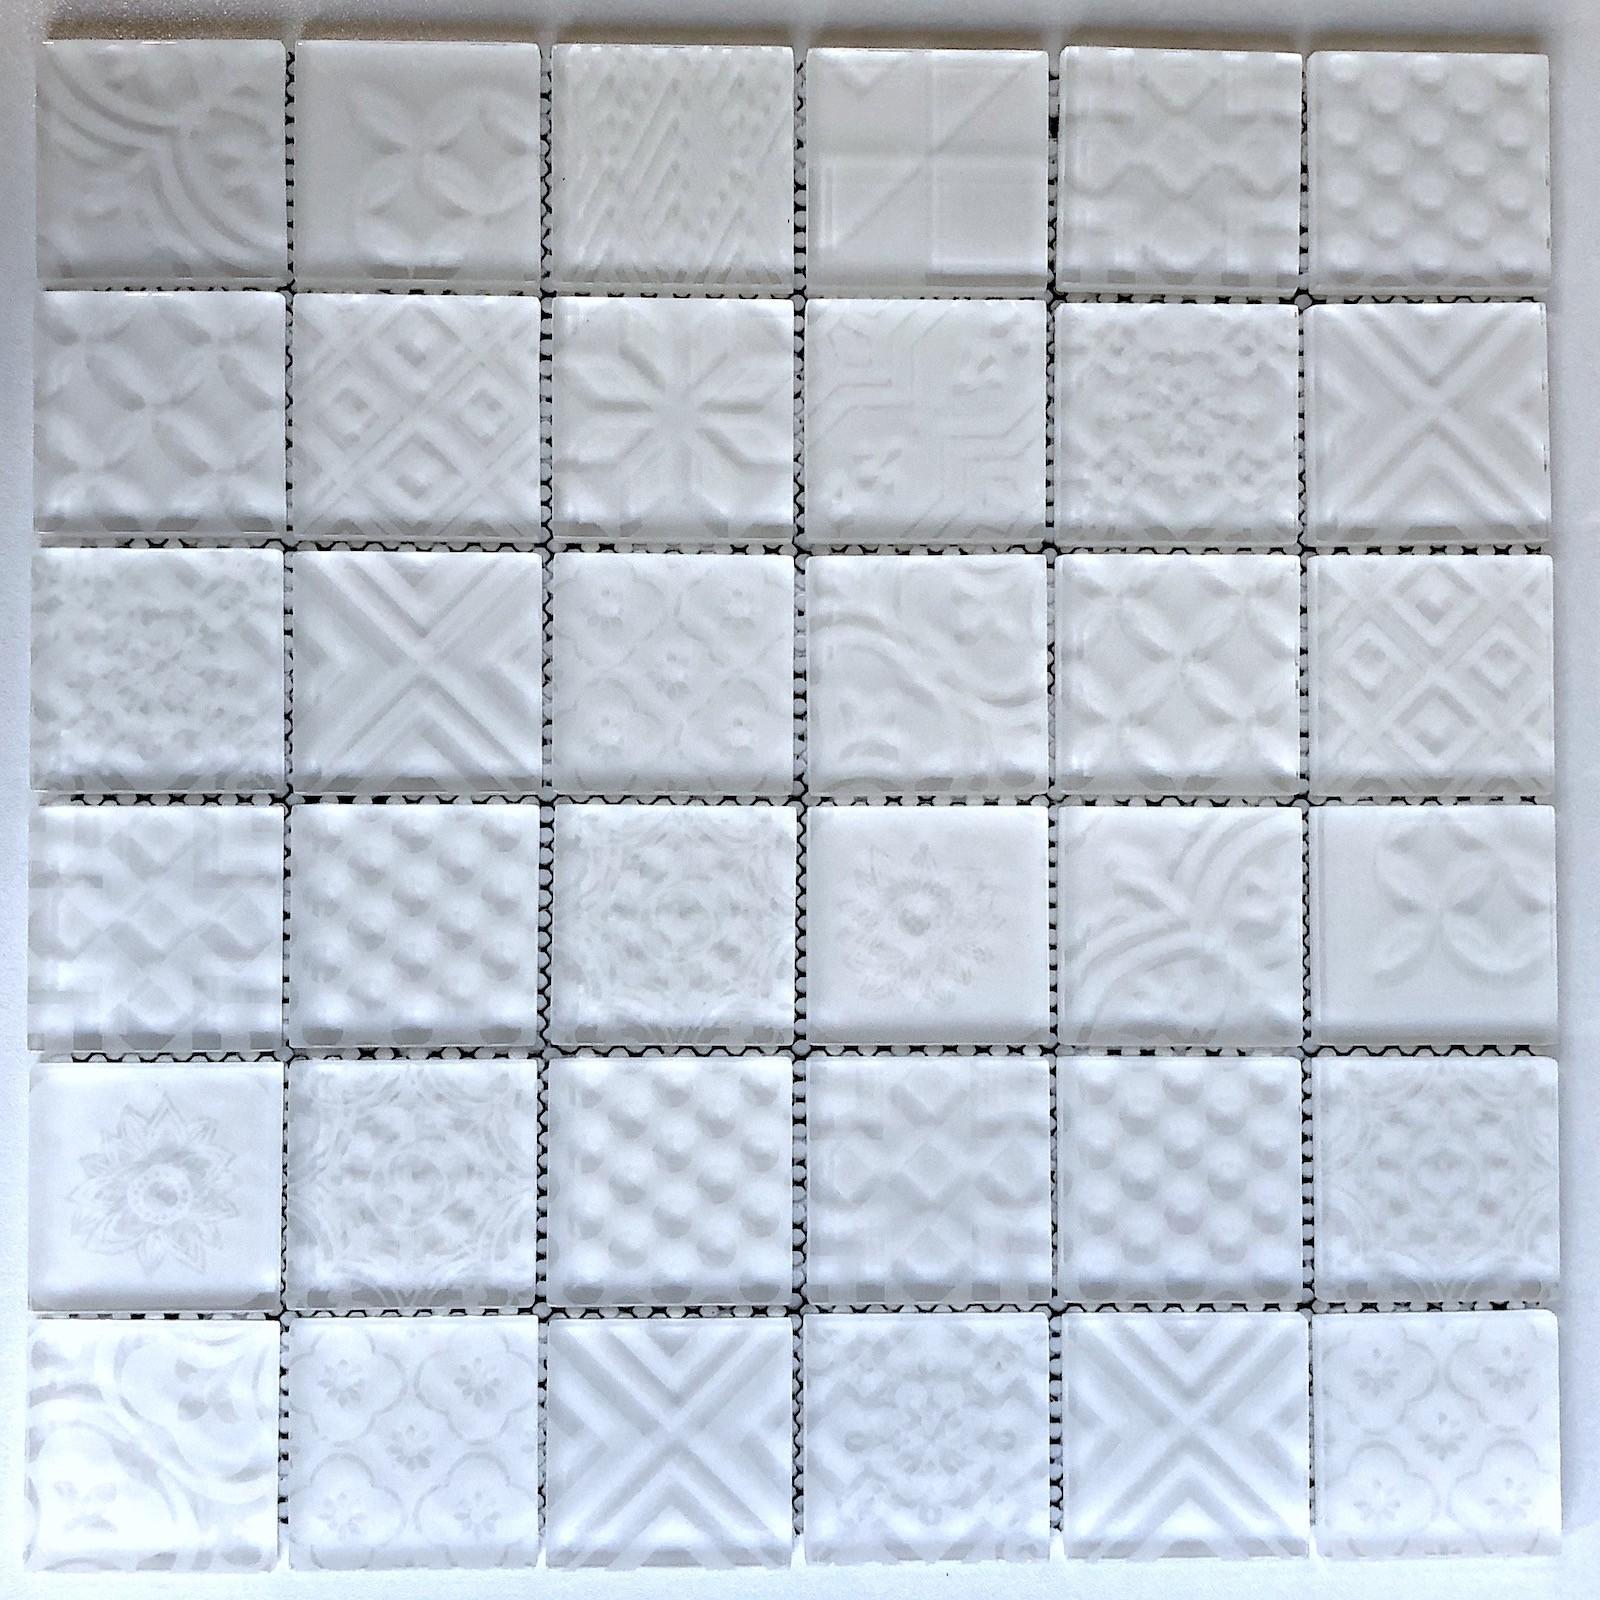 carrelage mosaique blanc pour mur cuisne et salle de bain mv-oskar